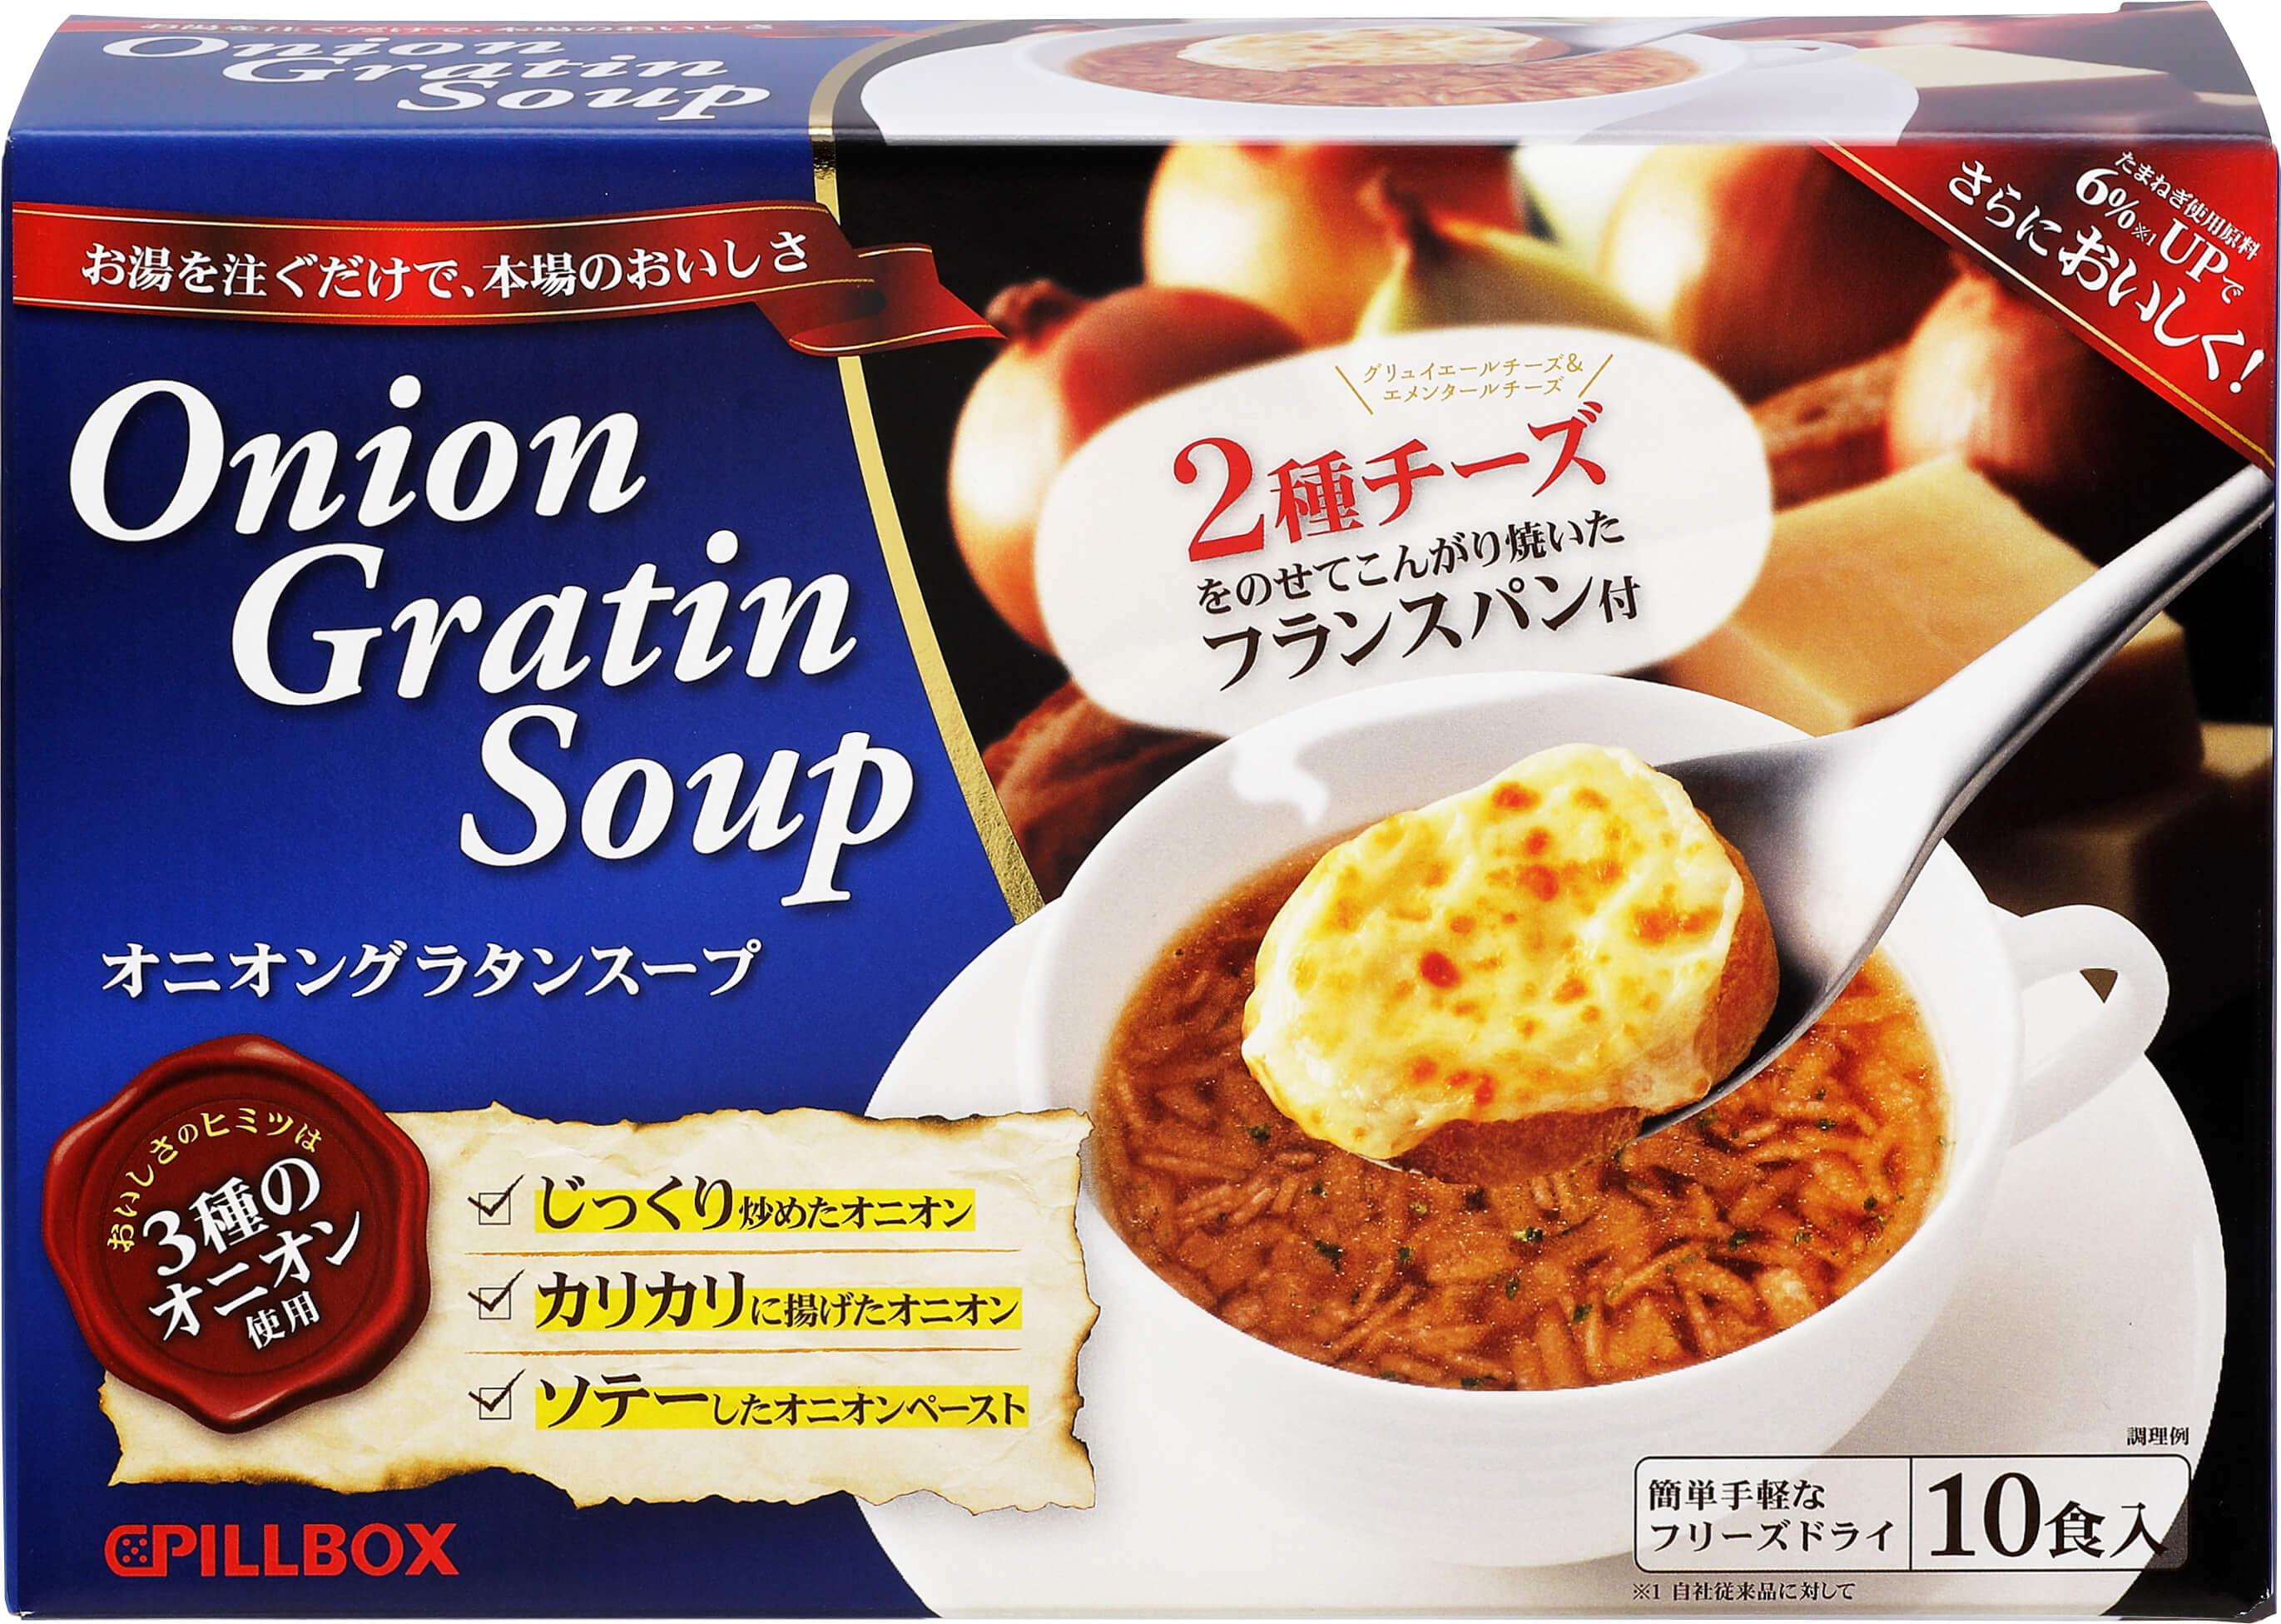 レストランの味をおうちで堪能♪フリーズドライ「オニオングラタンスープ」のモニター募集!